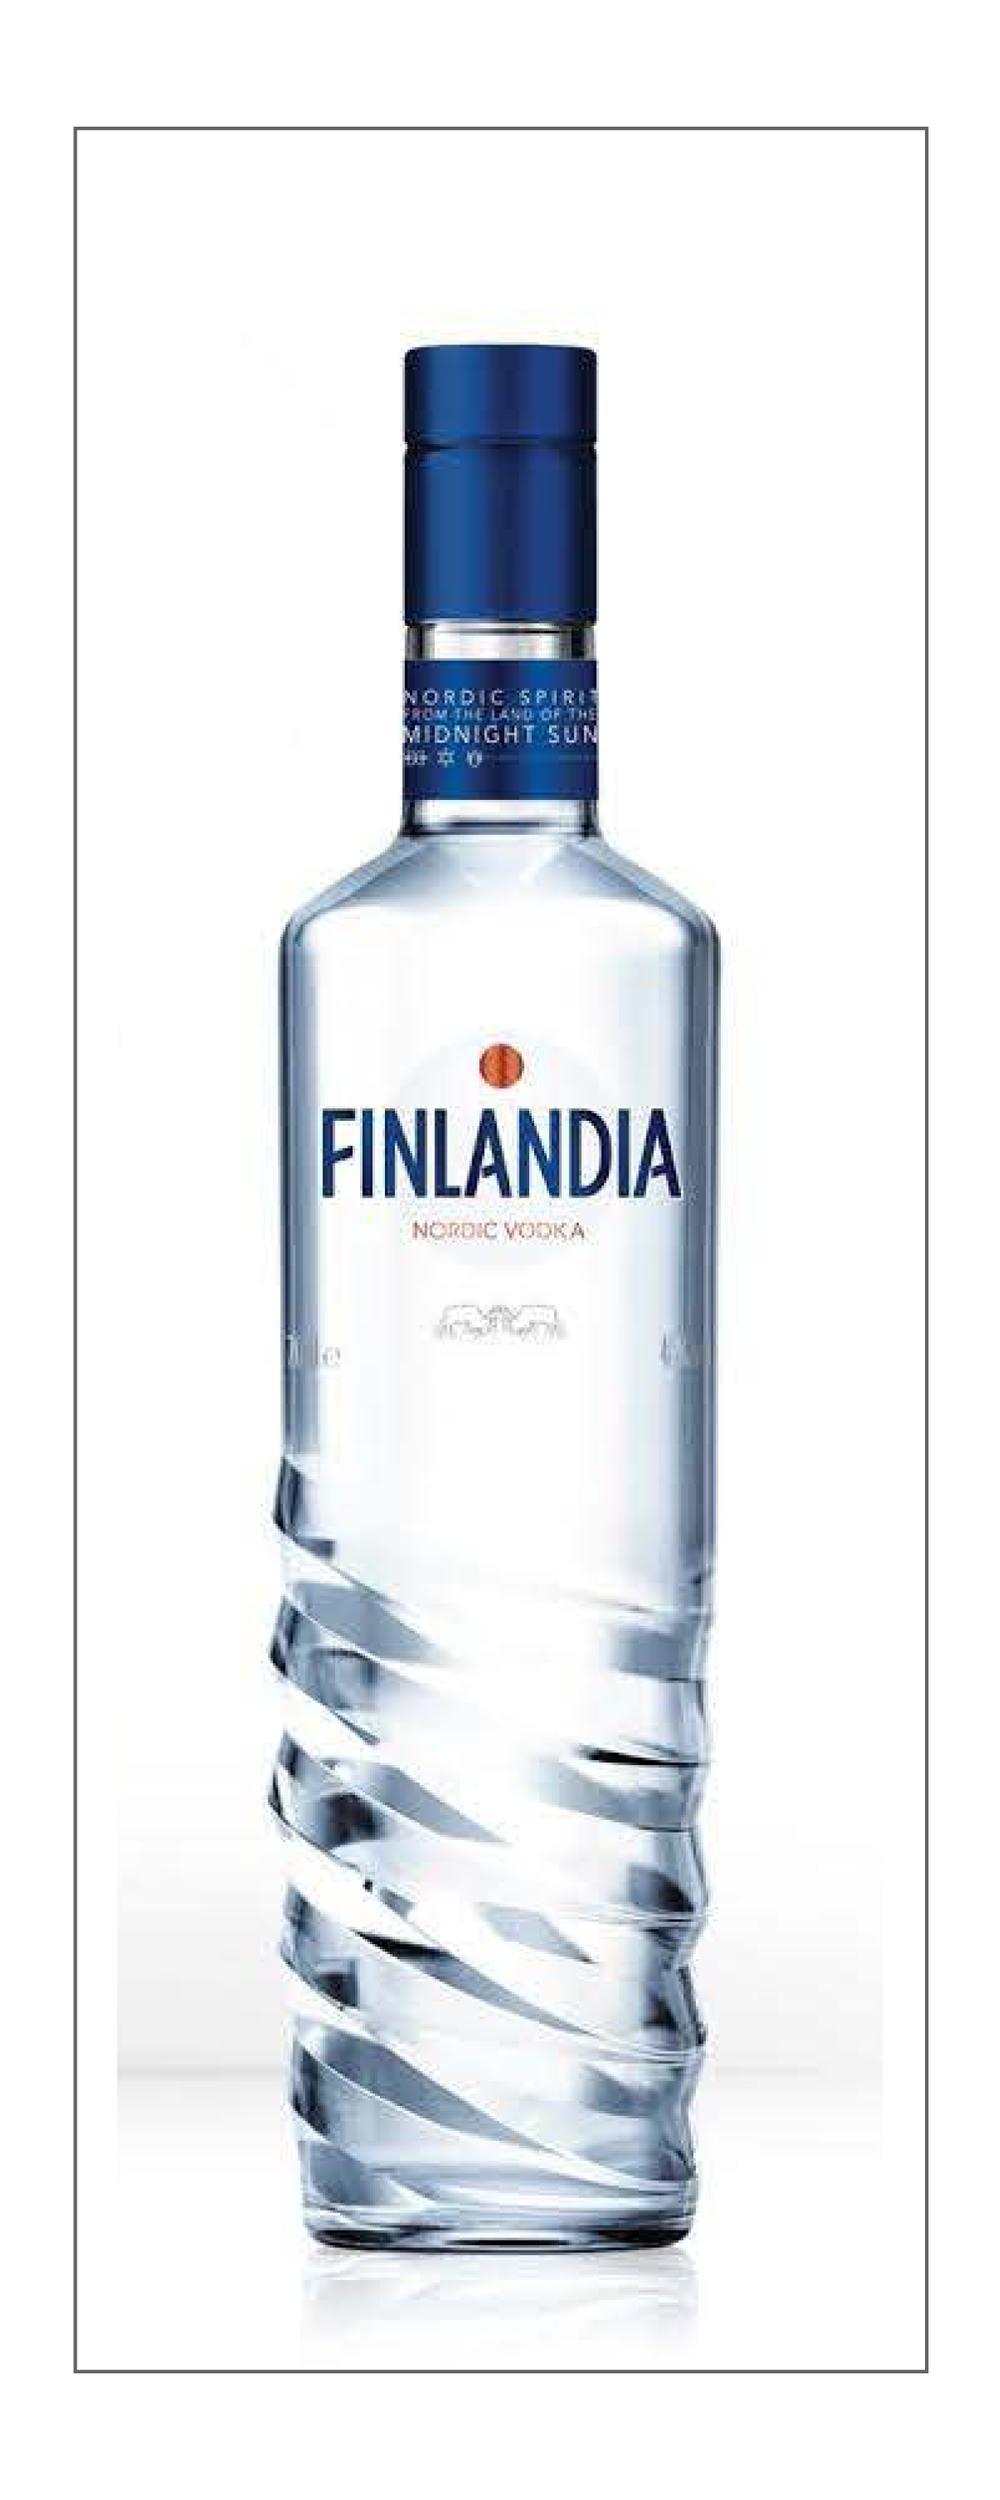 FV_Bottle_concepts26.png